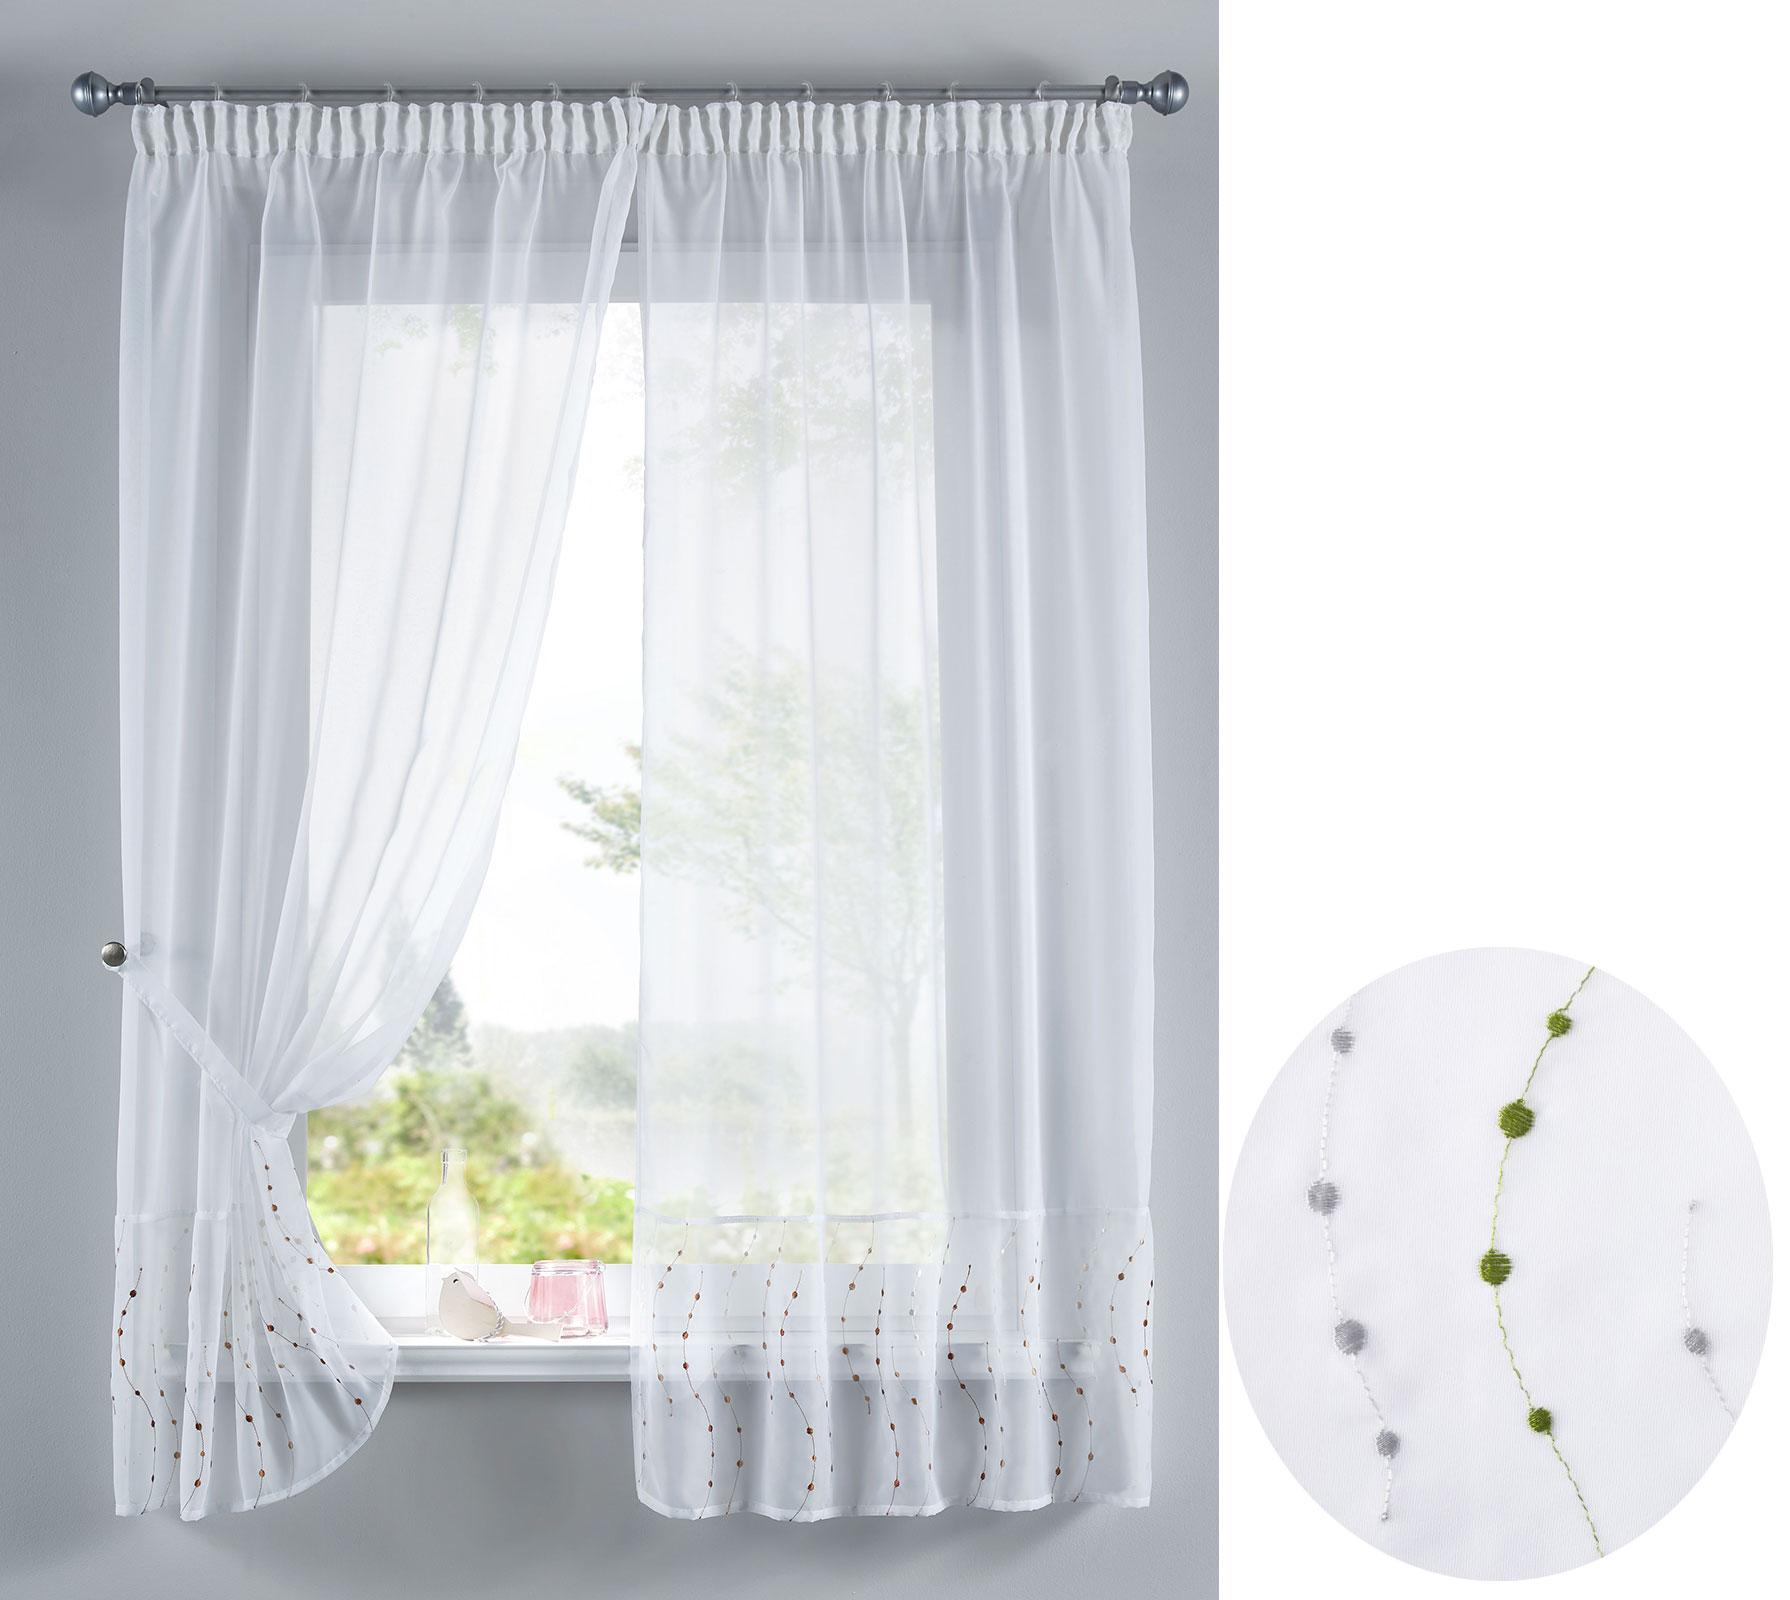 punkt stickerei gardinen set 4 tlg tunneldurchzug gardinenband 112232 ebay. Black Bedroom Furniture Sets. Home Design Ideas